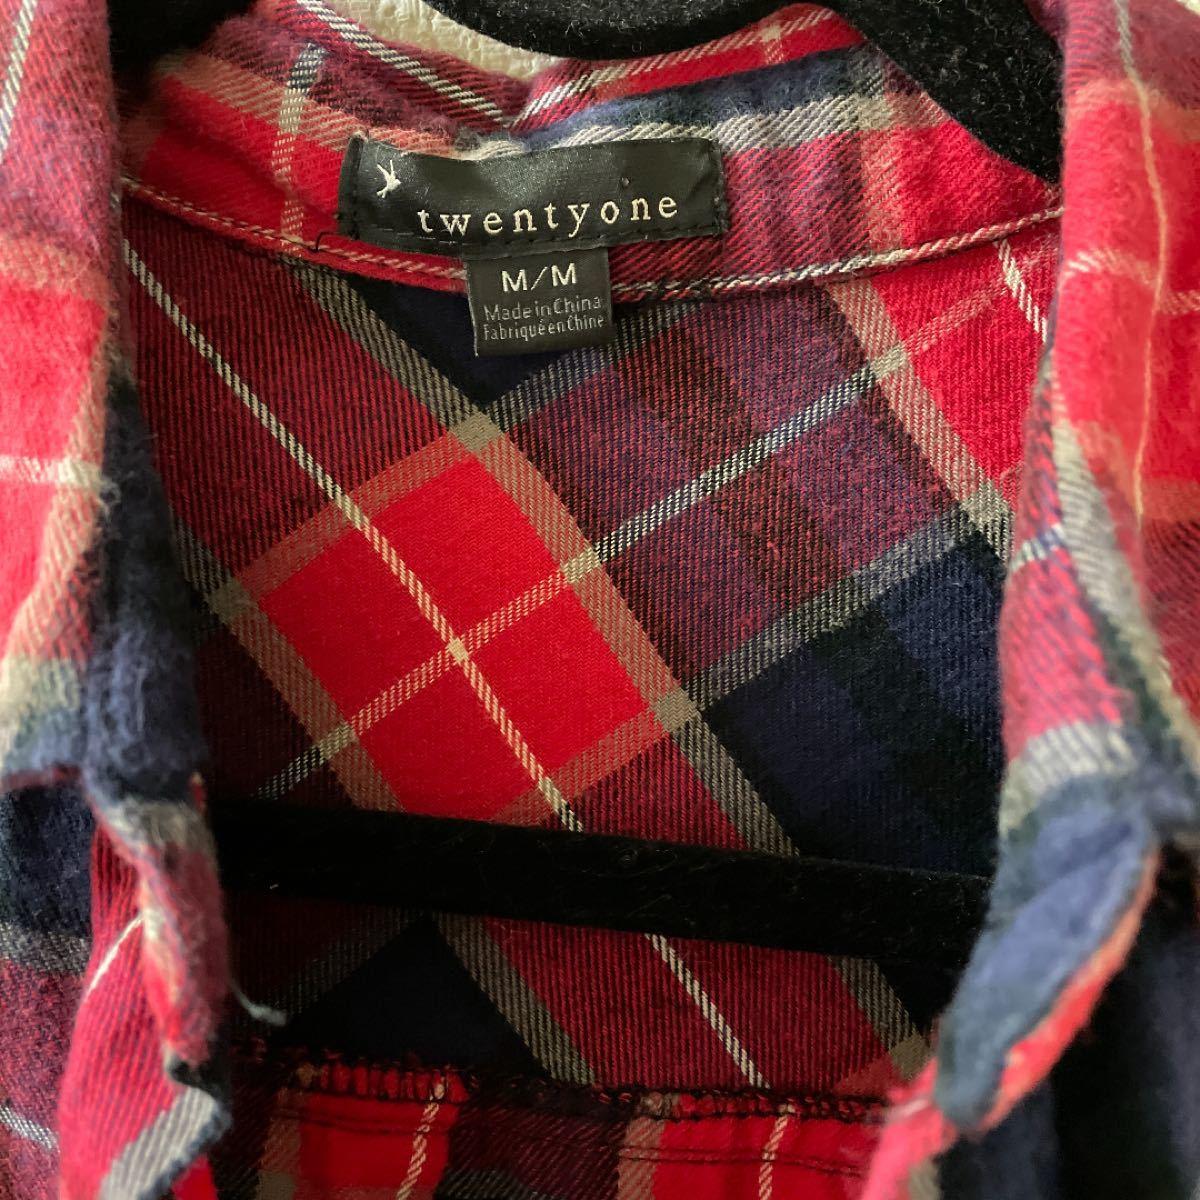 Forever21 チェックシャツ ネルシャツ ユニクロ Mサイズ 長袖シャツ チェック柄